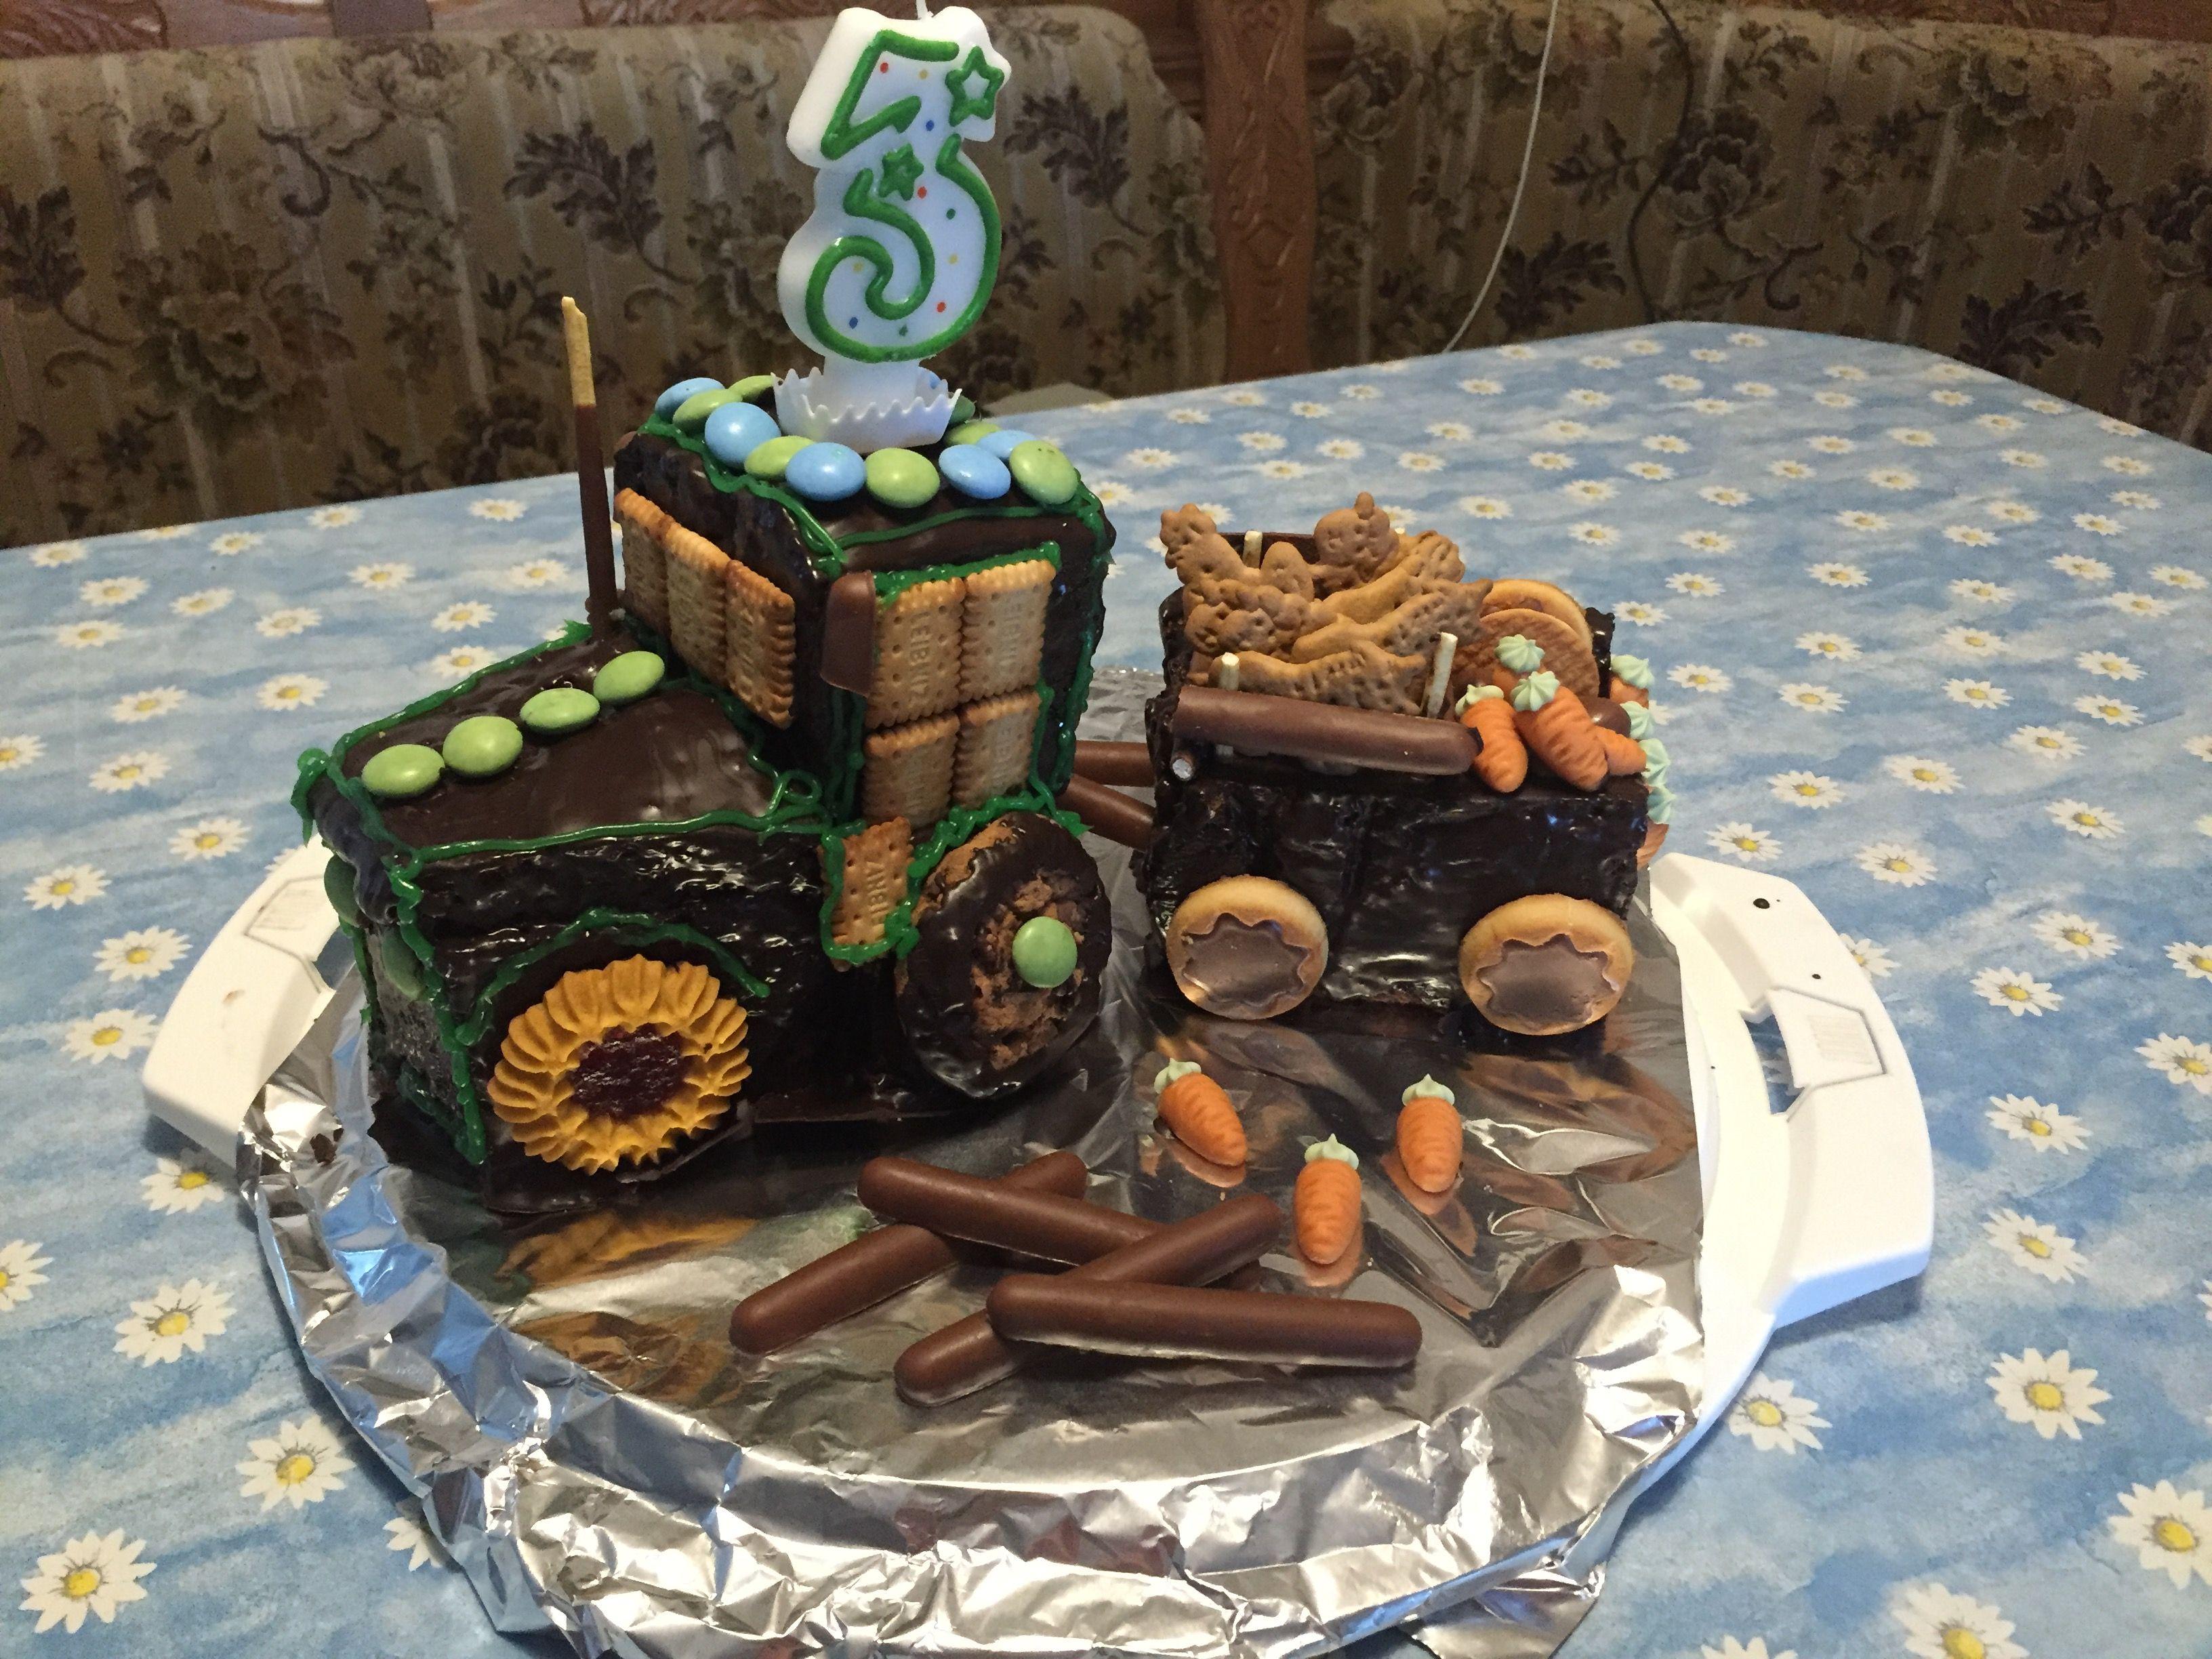 Traktor Kuchen Zum Geburtstag Kindergeburtstag Traktor Kuchen Kinder Kuchen Kindergeburtstagstorte